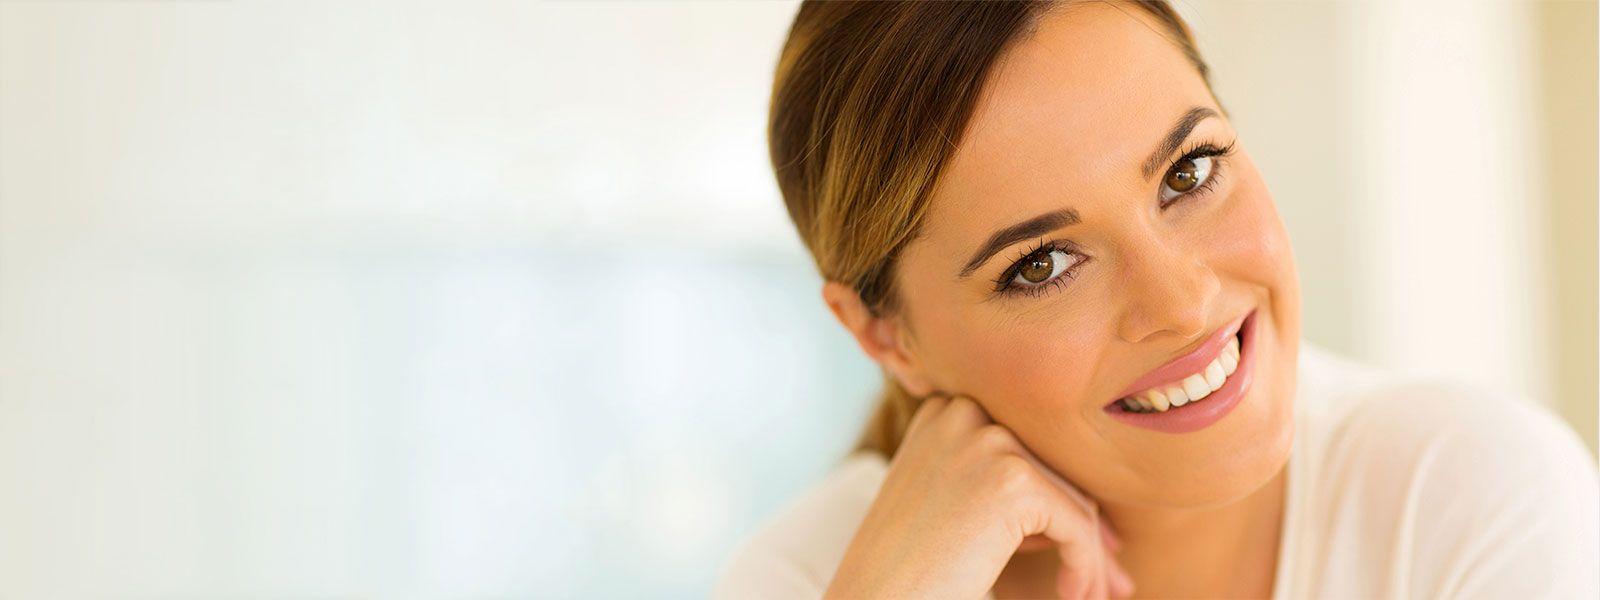 súlycsökkenés fibromyalgia esetén